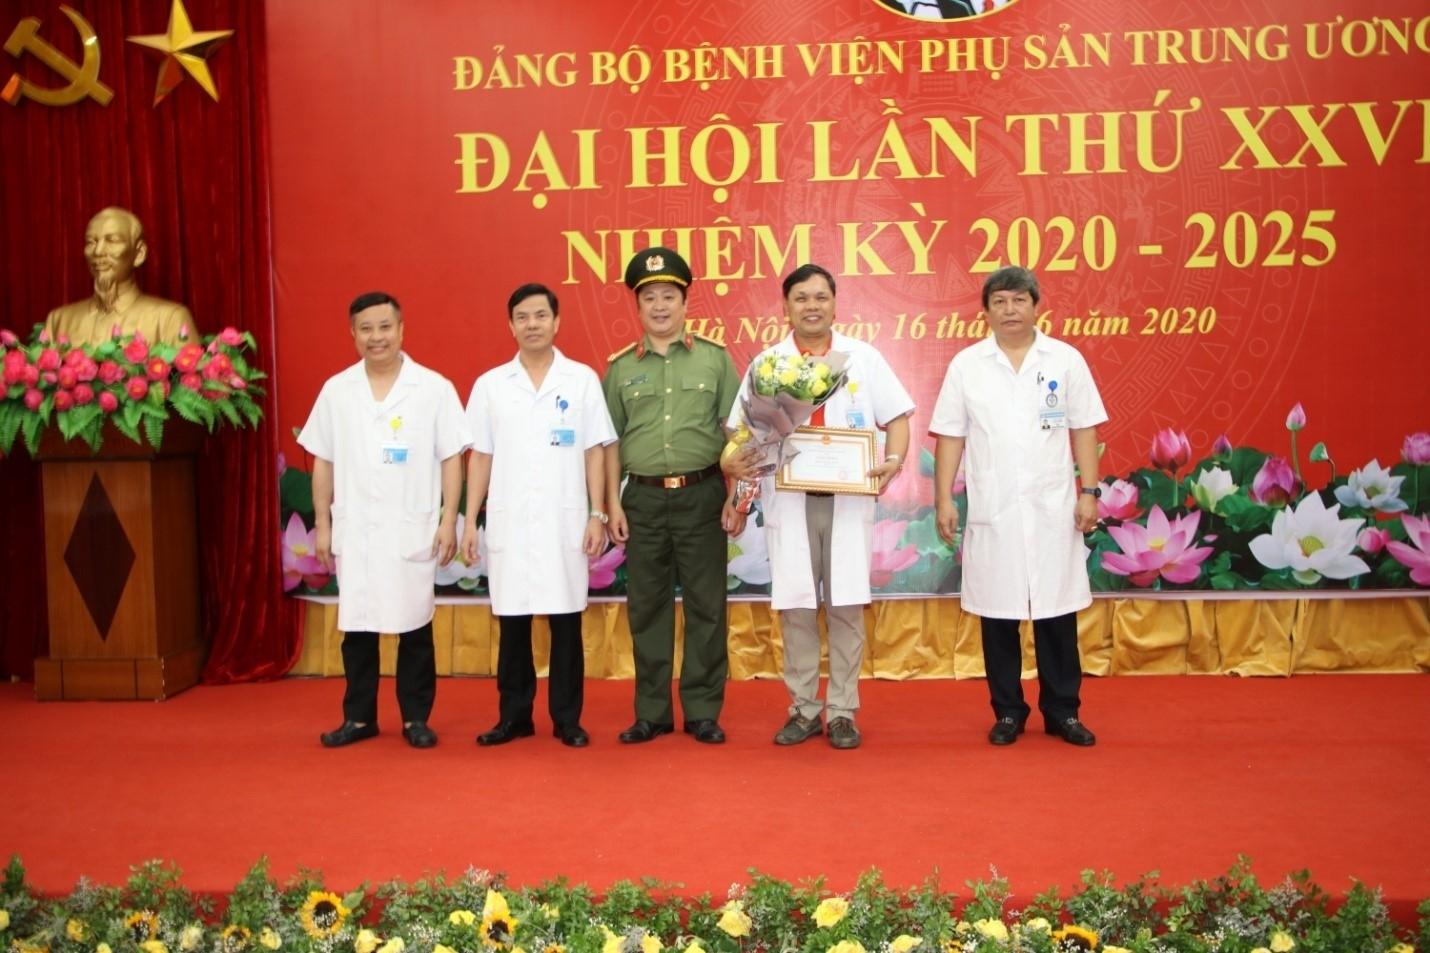 http://benhvienphusantrunguong.org.vn/stores/news_dataimages/vtkien/062020/29/14/croped/1.jpg